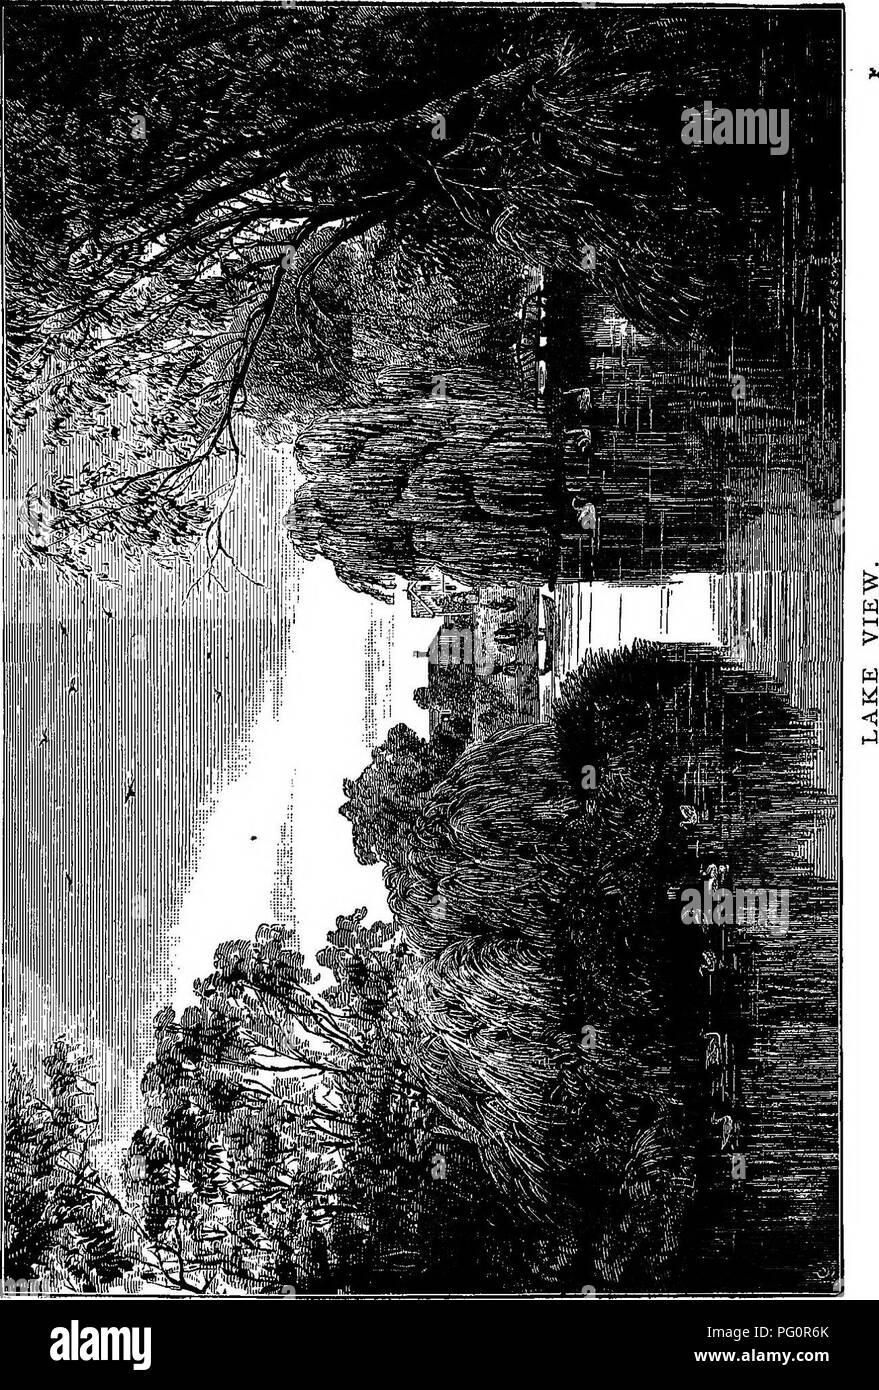 Entzuckend . Katalog Der Pflanzen Unter Anbau In Der Regierung Botanischer Garten,  Adelaide, South Australia. Botanik, Botanischer Garten, Pflanzen,  Kultiviert.